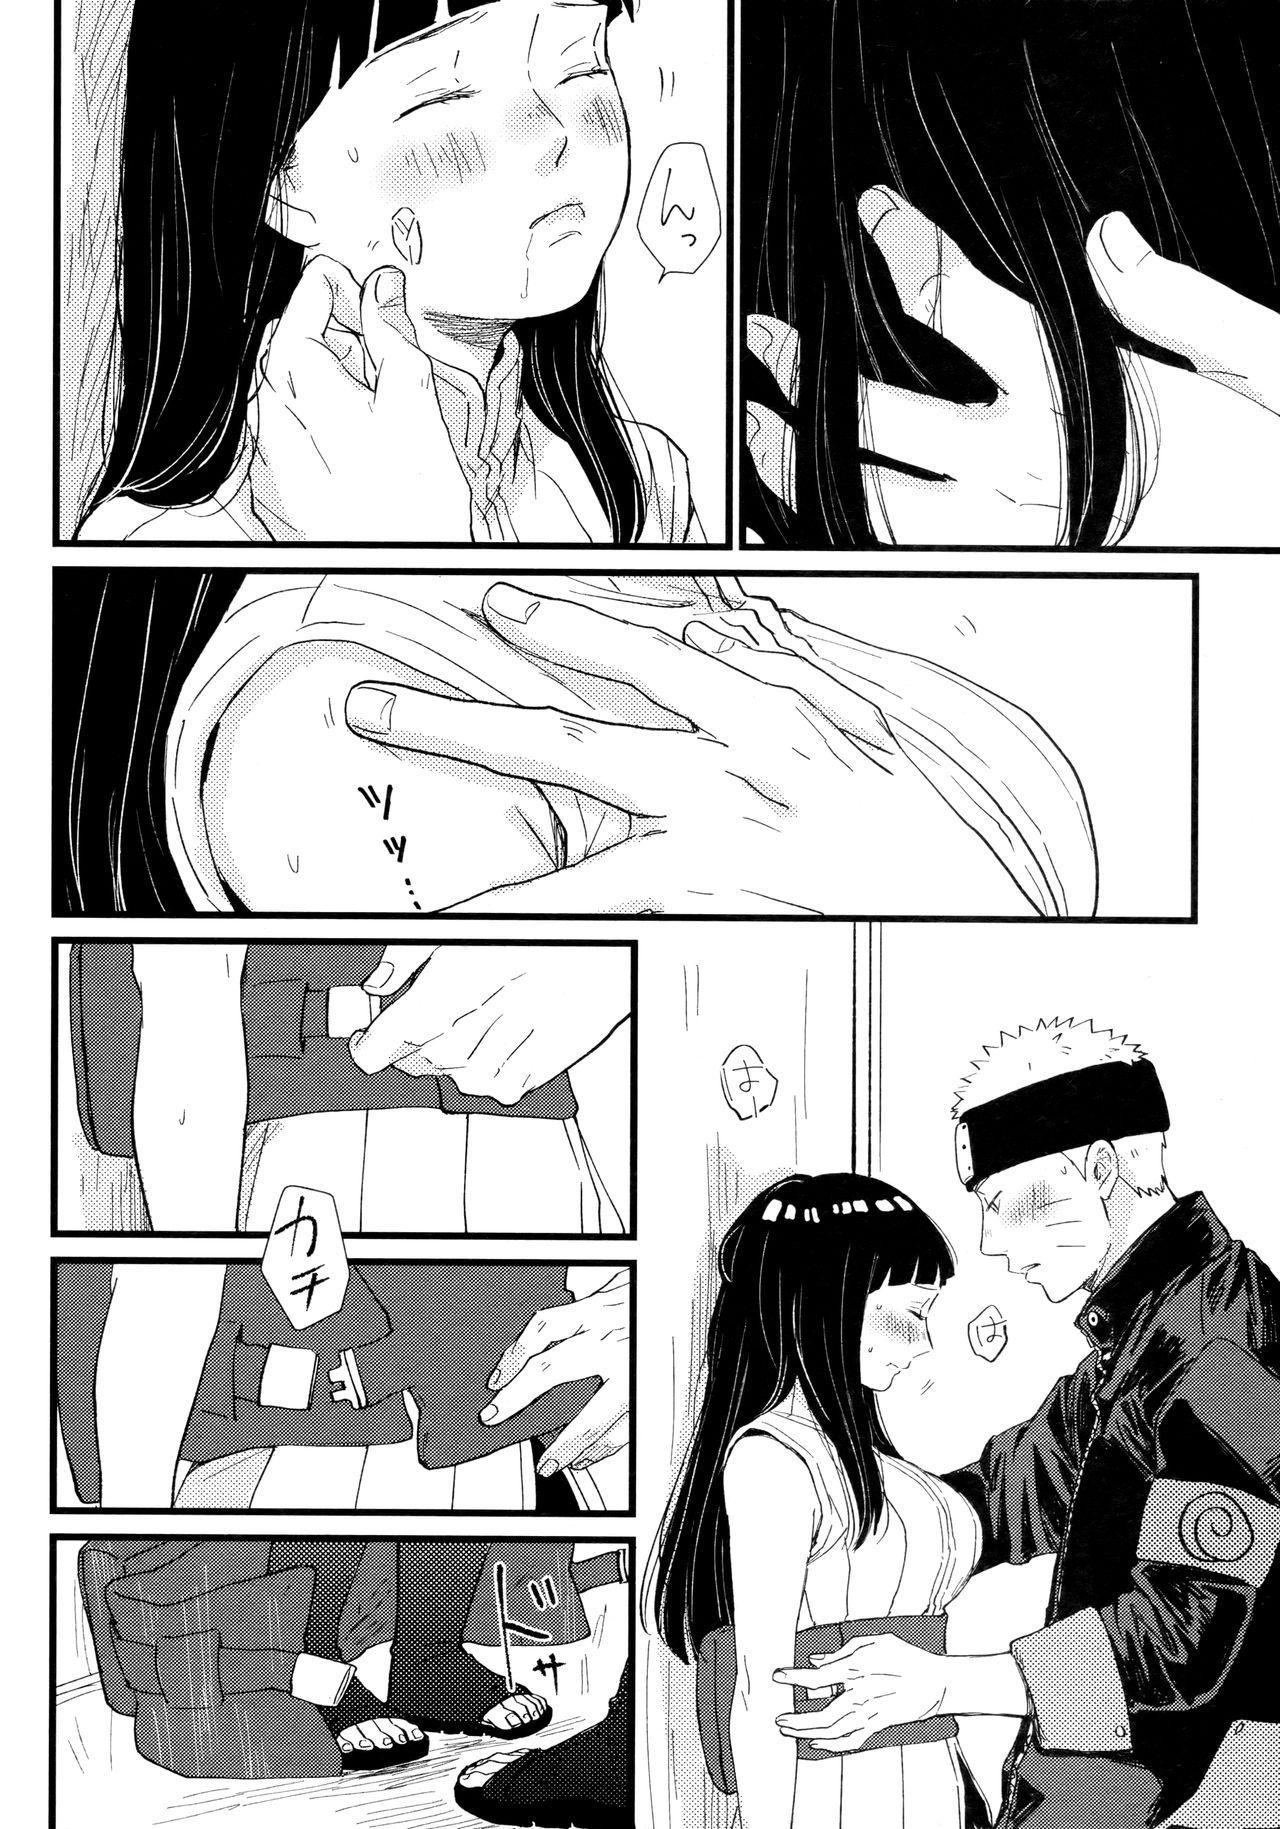 Koiwo Shiteiru Karada 1 + 2 39